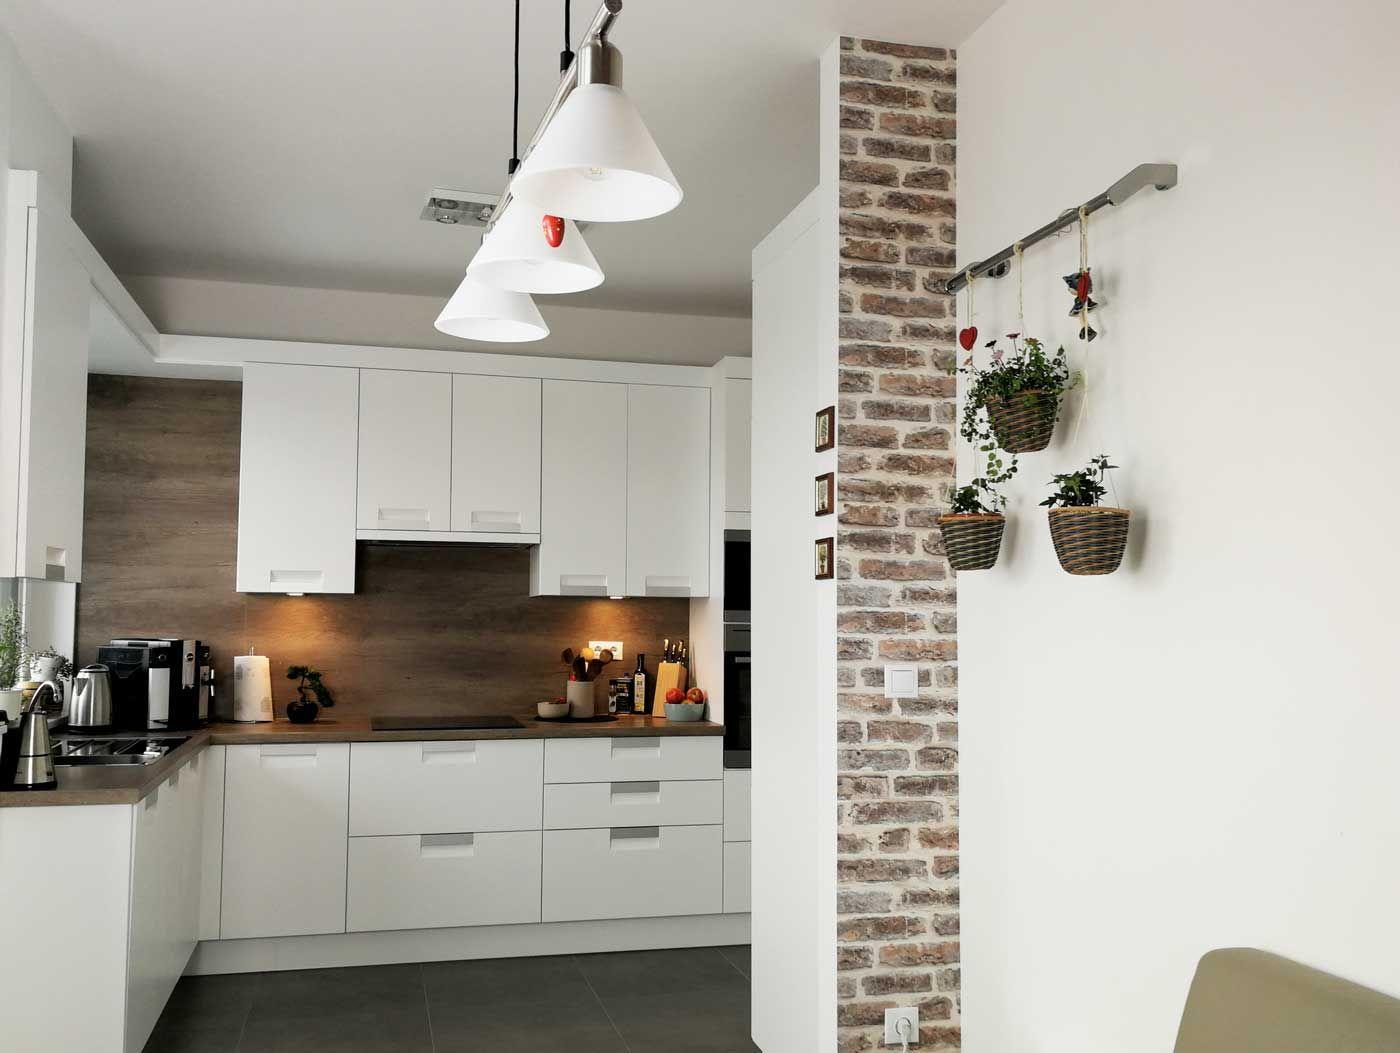 L alakú konyha - Modern konyha - gyönyörű képek   Cliff konyhabútor ...